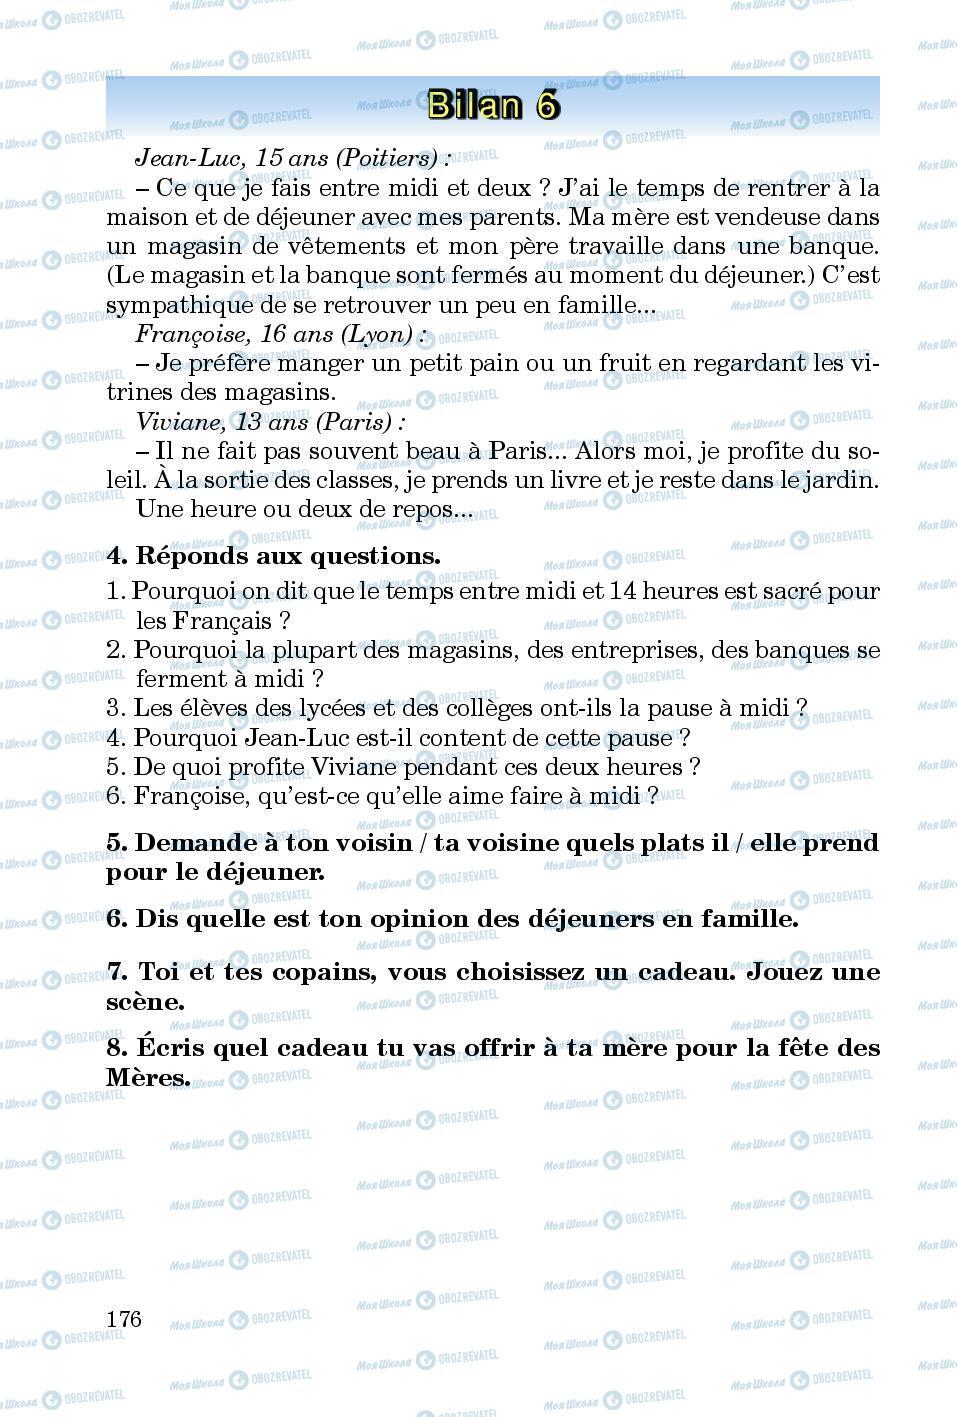 Підручники Французька мова 5 клас сторінка 176